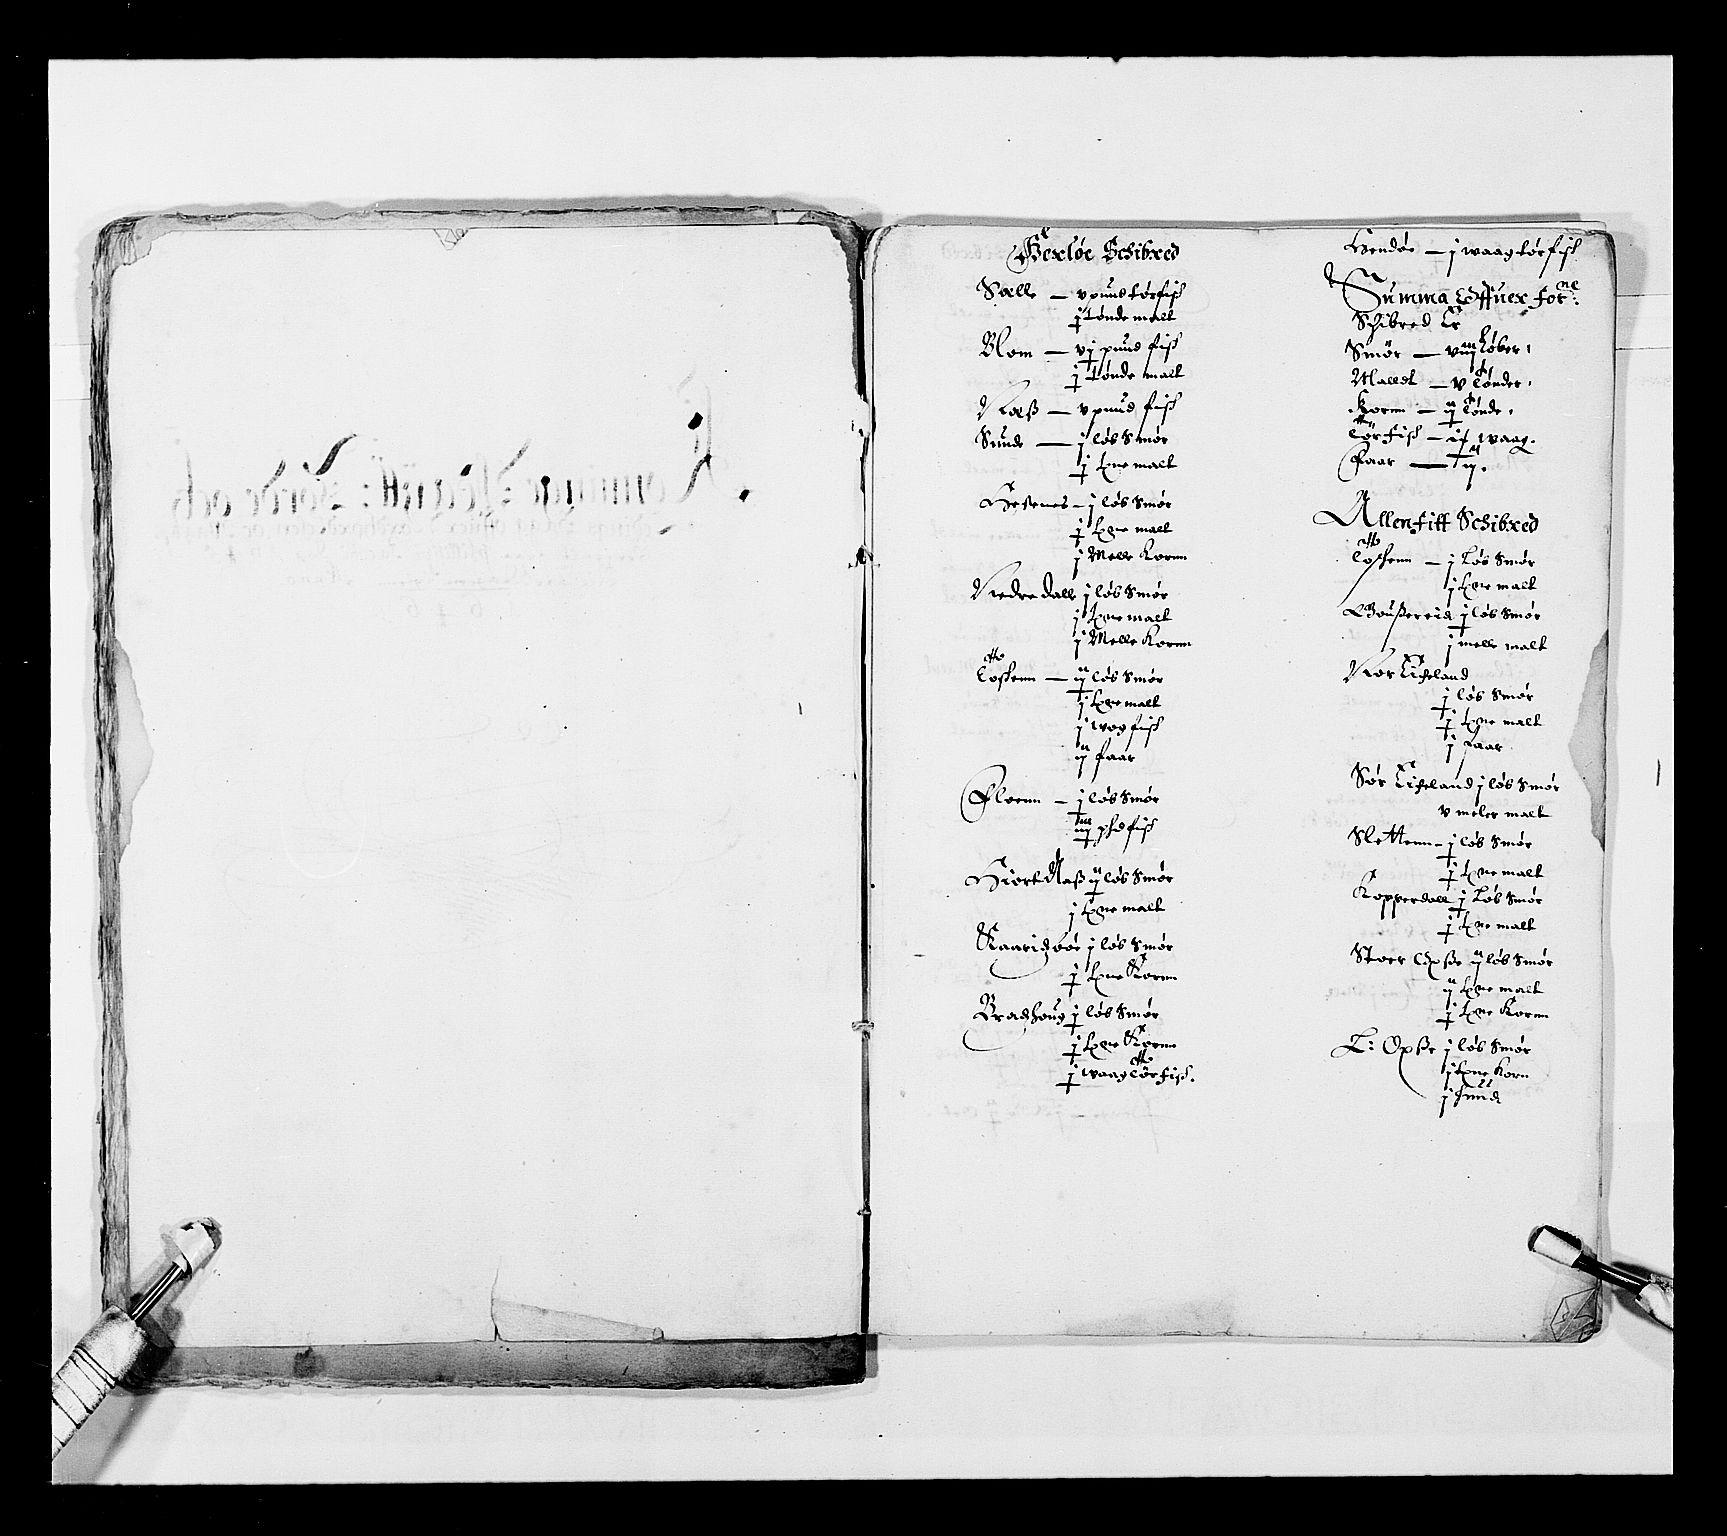 RA, Stattholderembetet 1572-1771, Ek/L0025: Jordebøker 1633-1658:, 1645-1646, s. 75